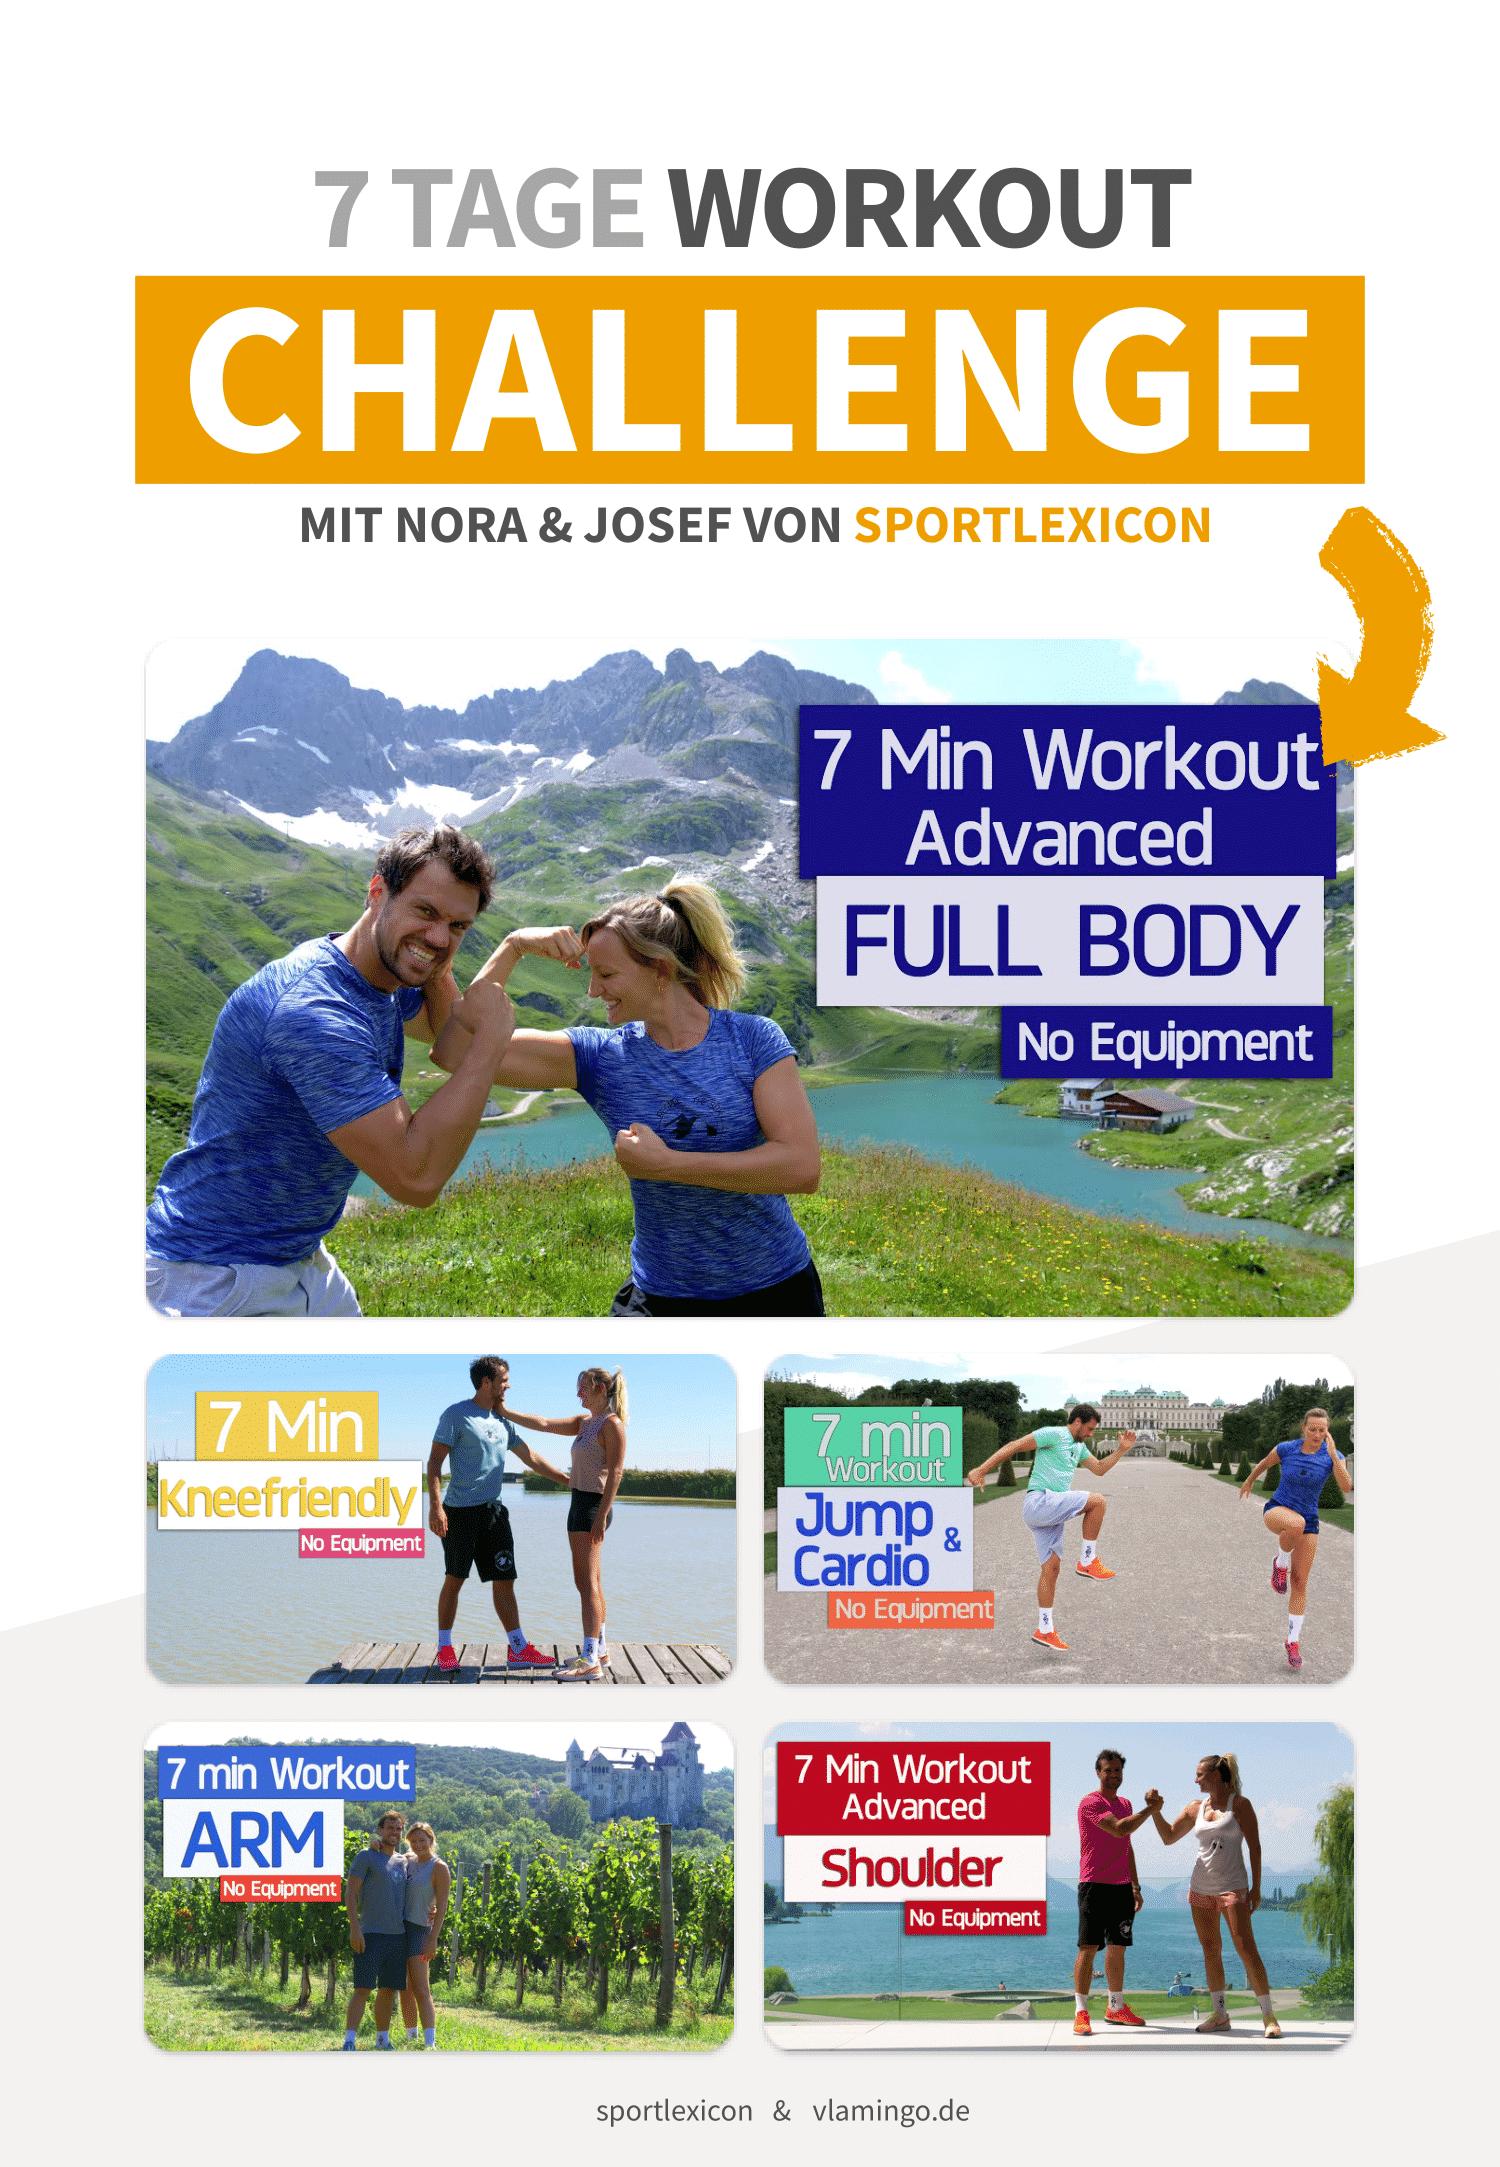 Vorschaubild 1 - 7 Tage Workout-Challenge mit Nora & Josef von sportlexicon